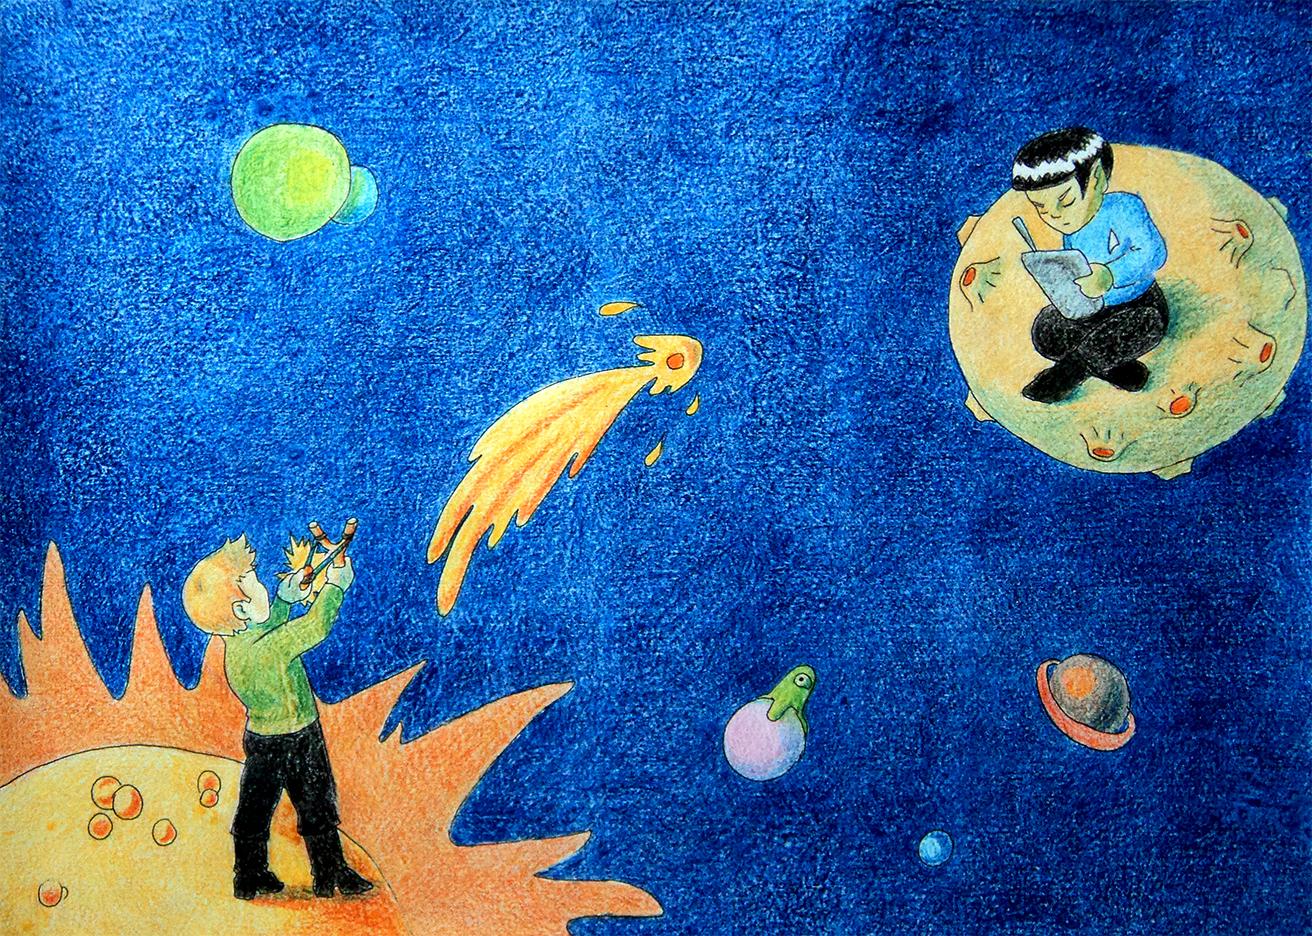 Sun and Mercury by derBudaika